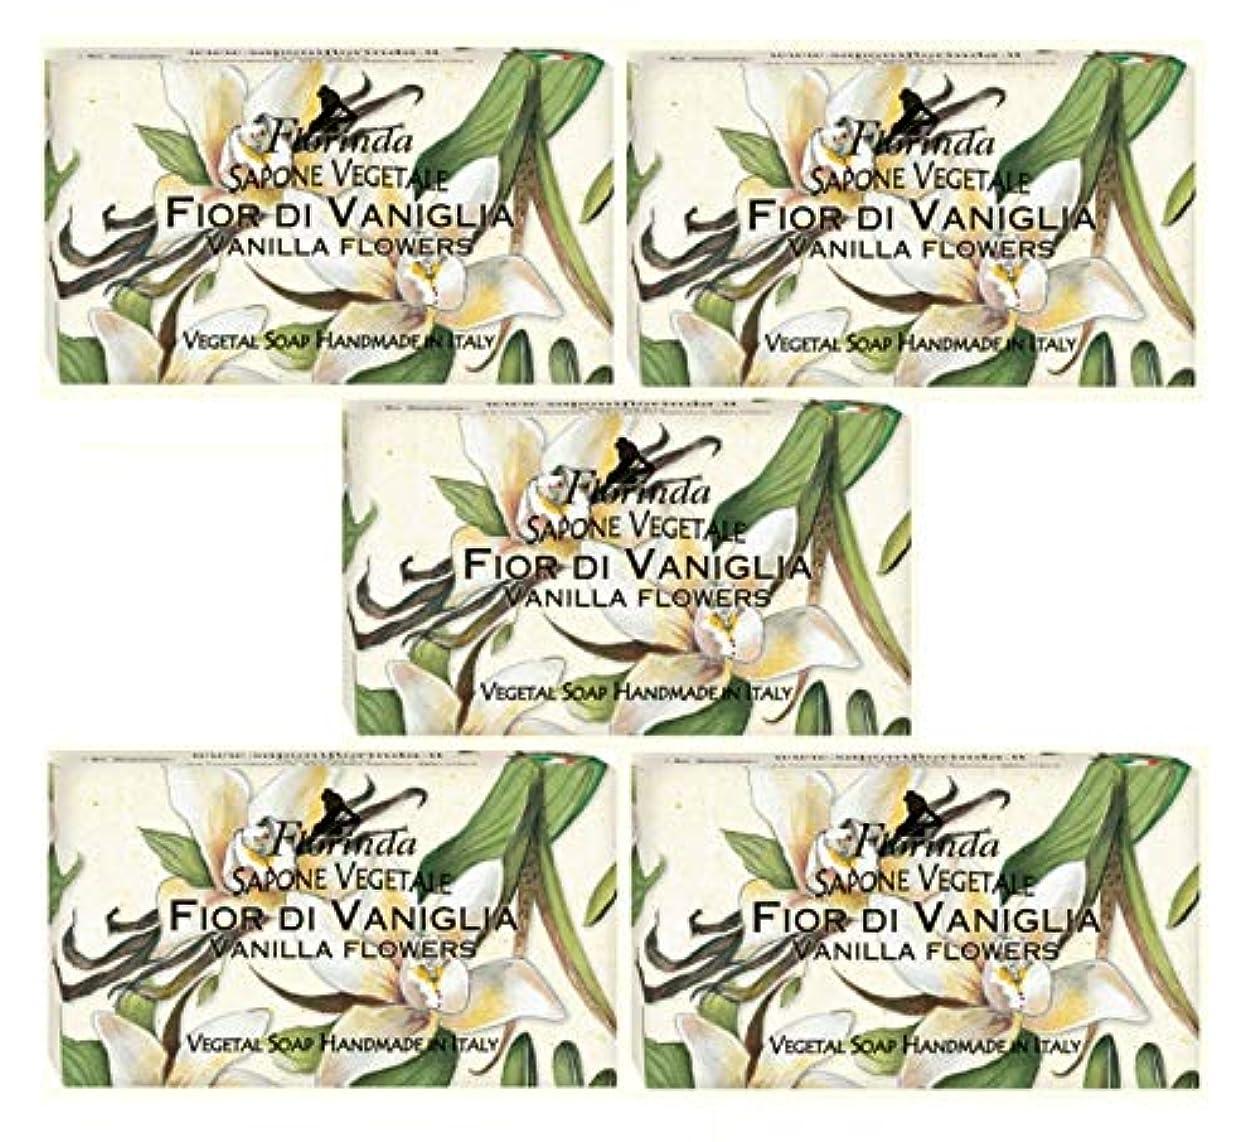 フロリンダ フレグランスソープ 固形石けん 花の香り バニラフラワー 95g×5個セット